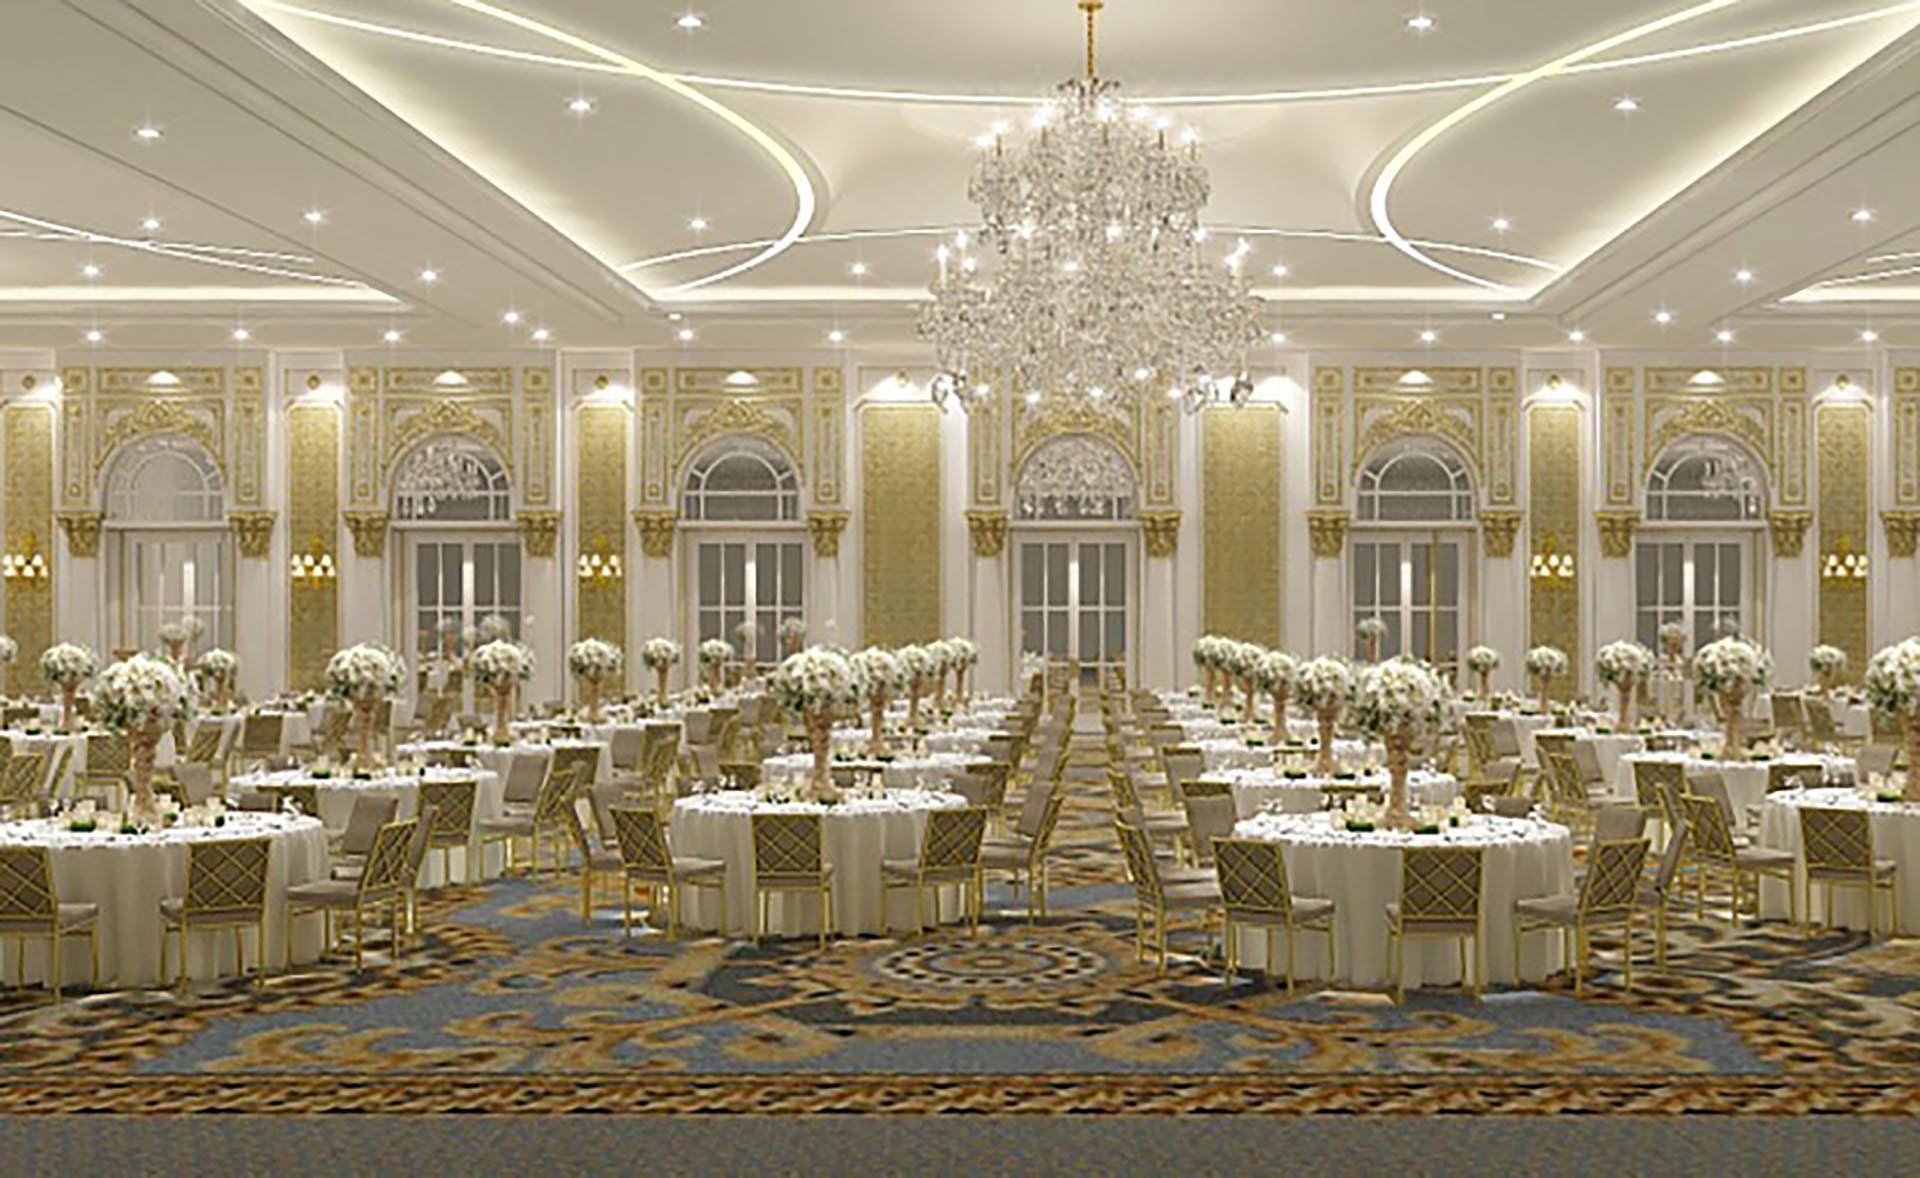 El Salón de Baile presidencial del Trump International Hotel, a pocas cuadras de la Casa Blanca